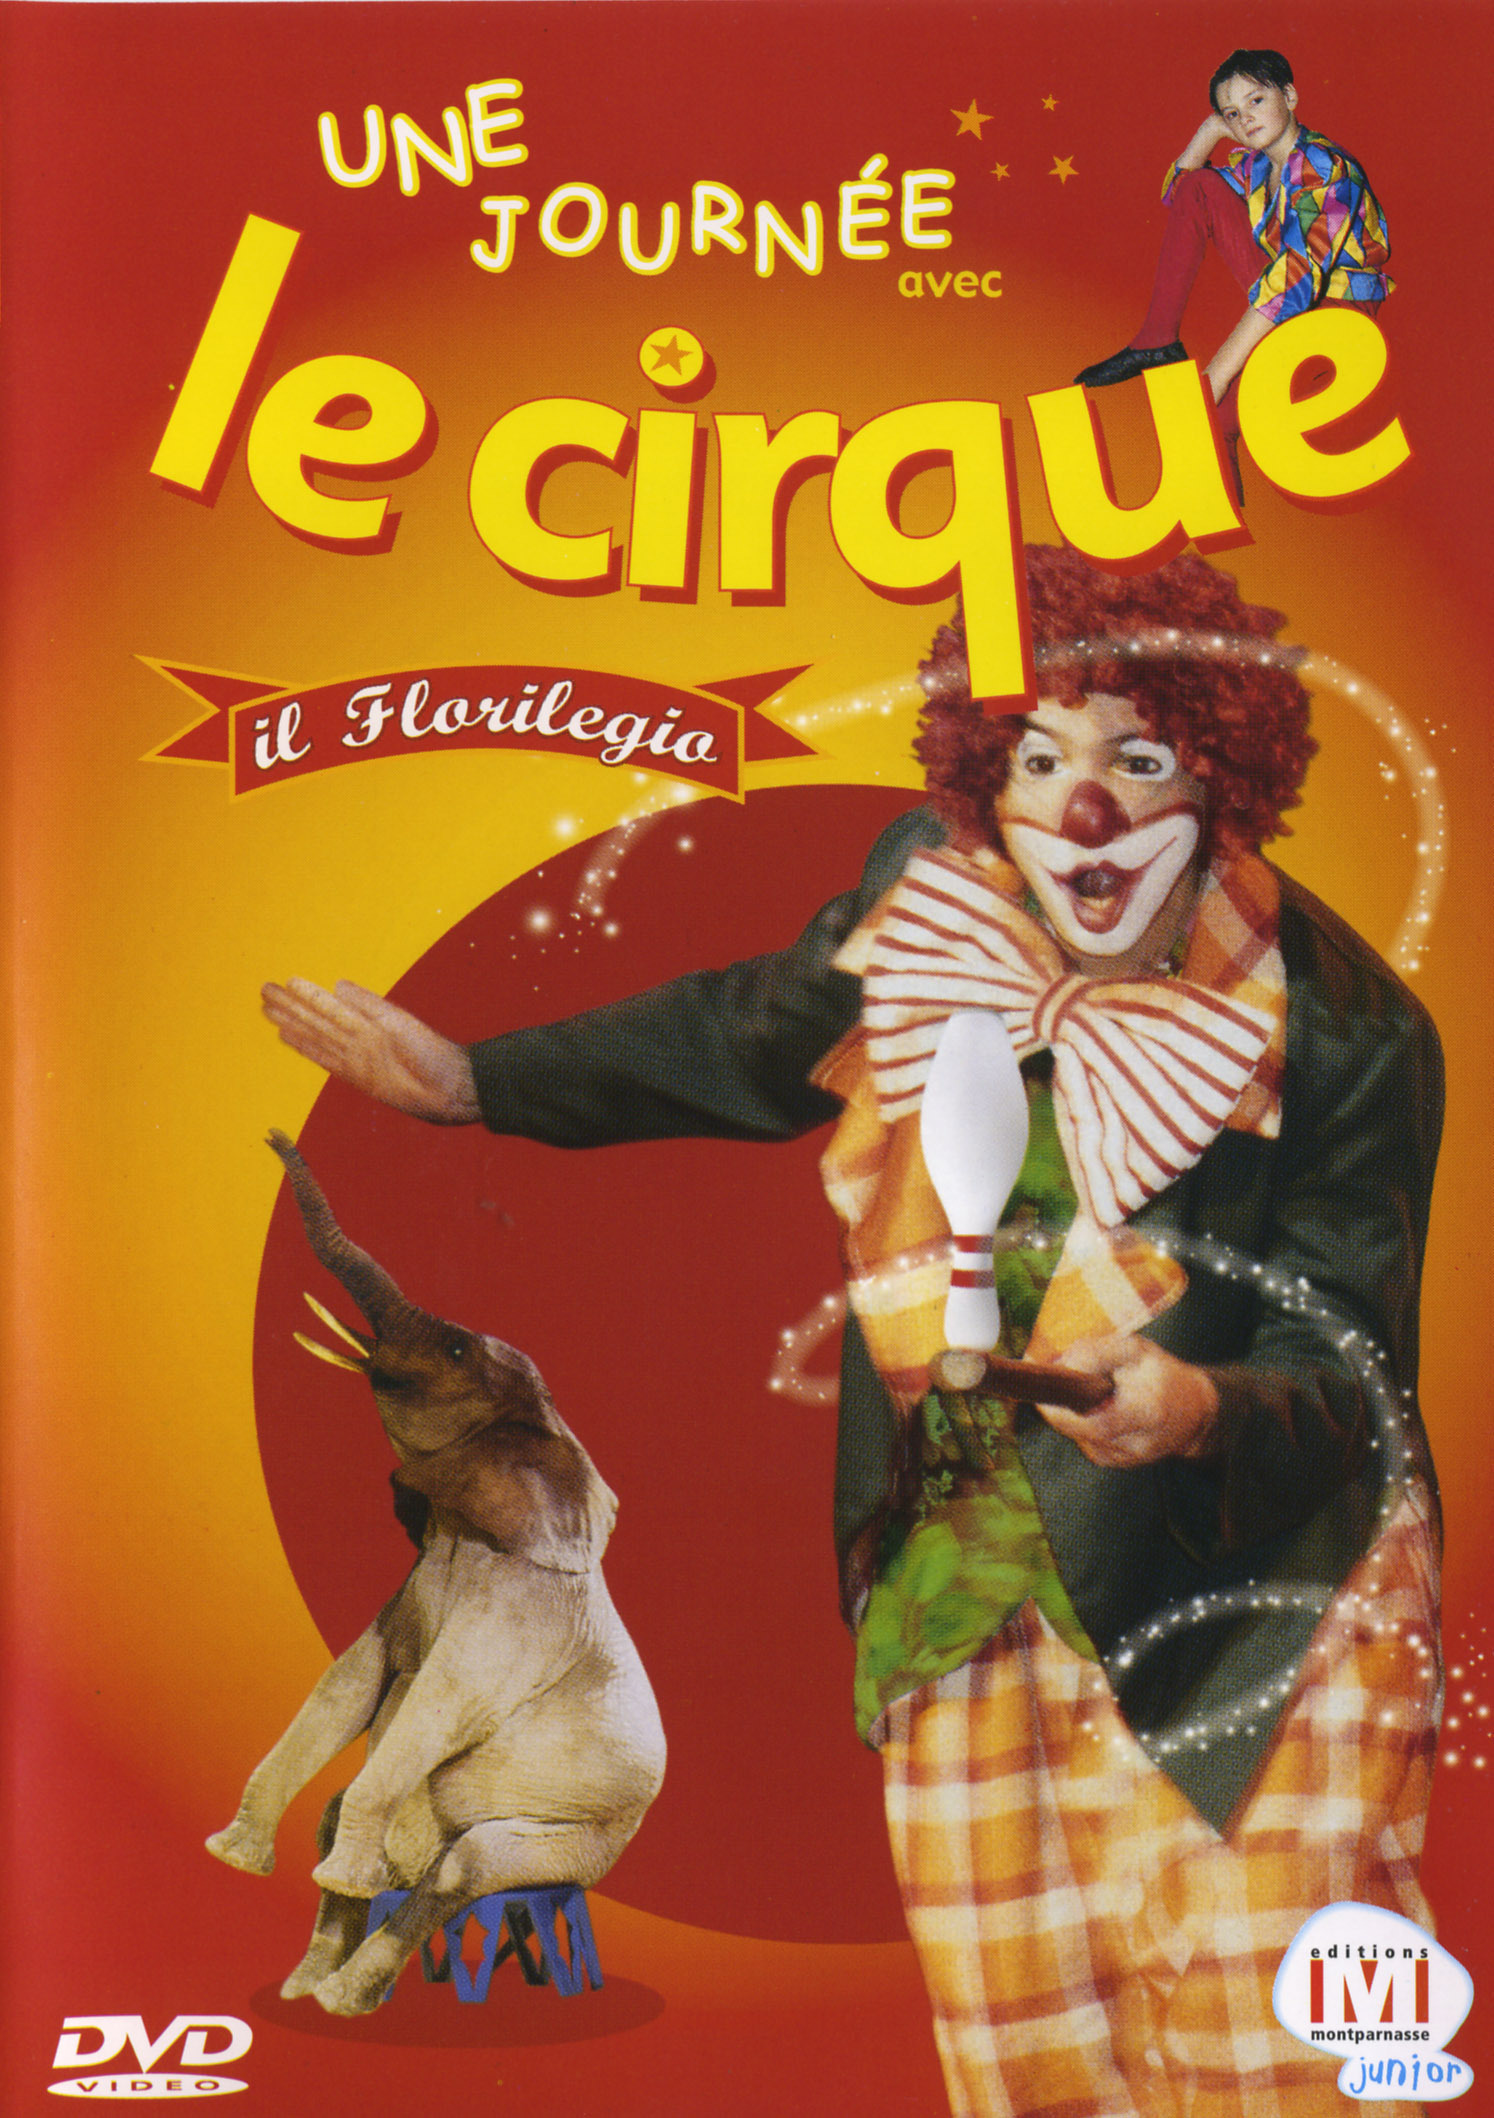 UNE JOURNEE AU CIRQUE - DVD